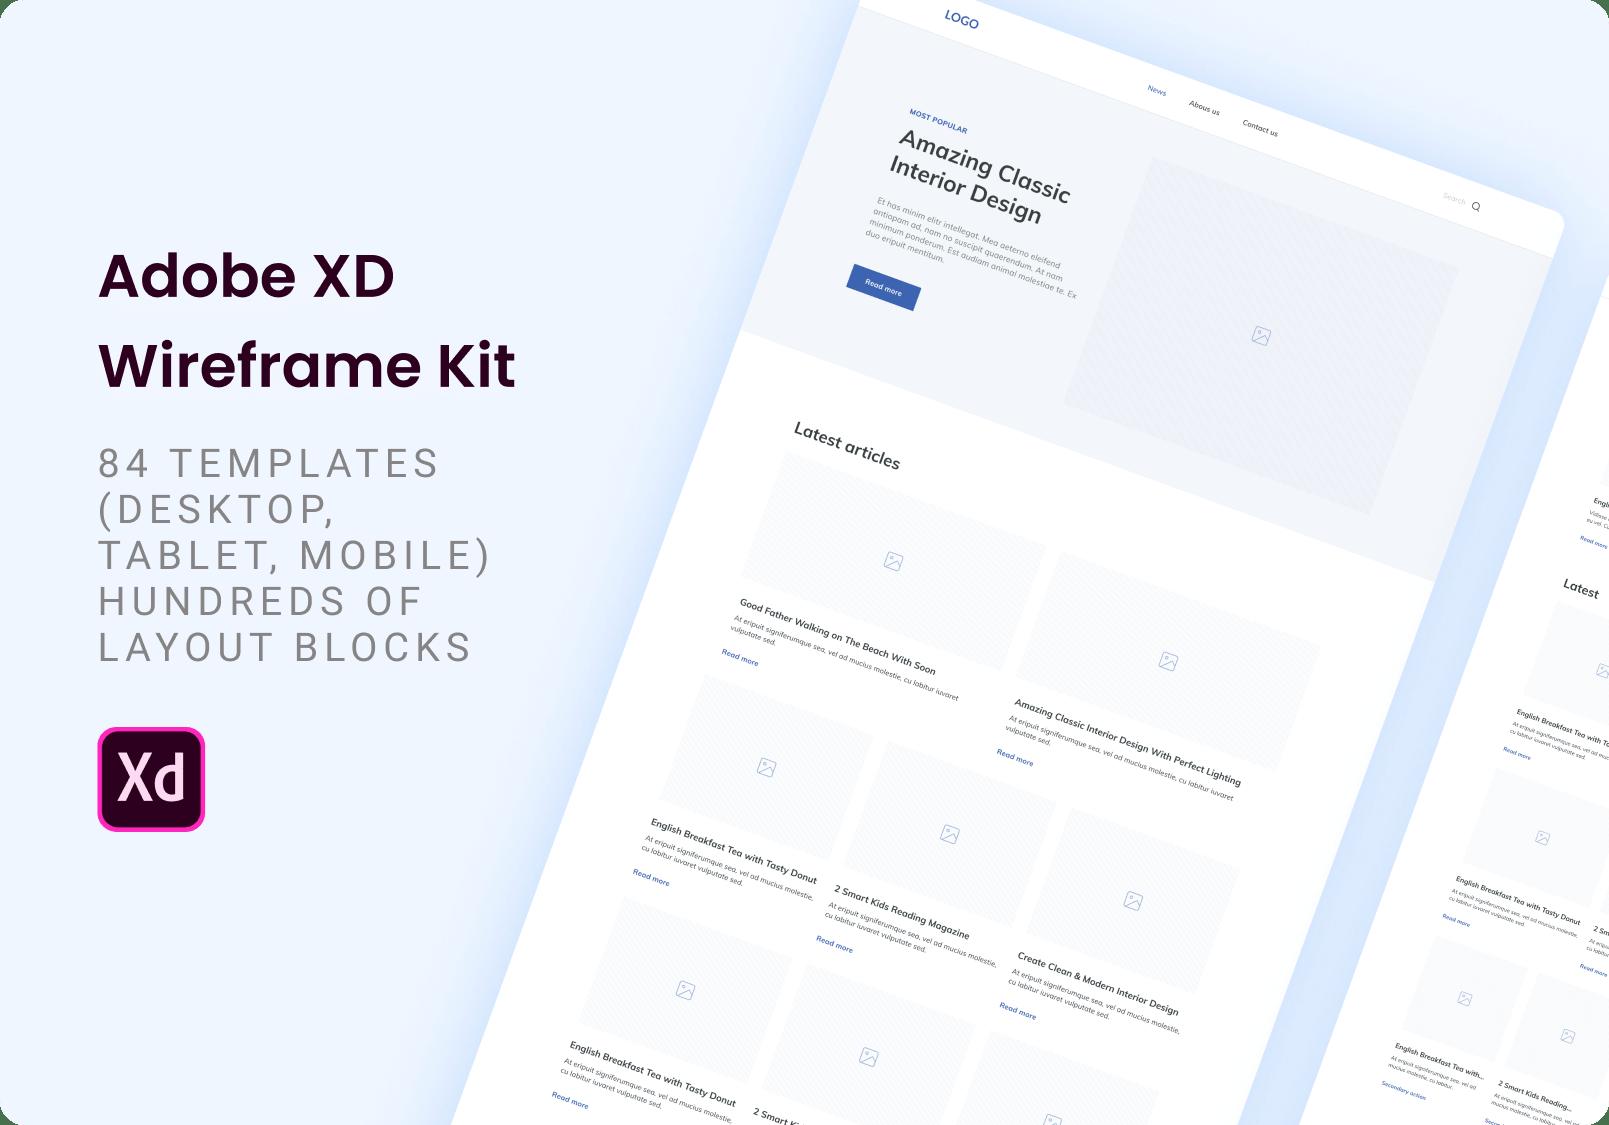 Adobe XD Wireframe Kit